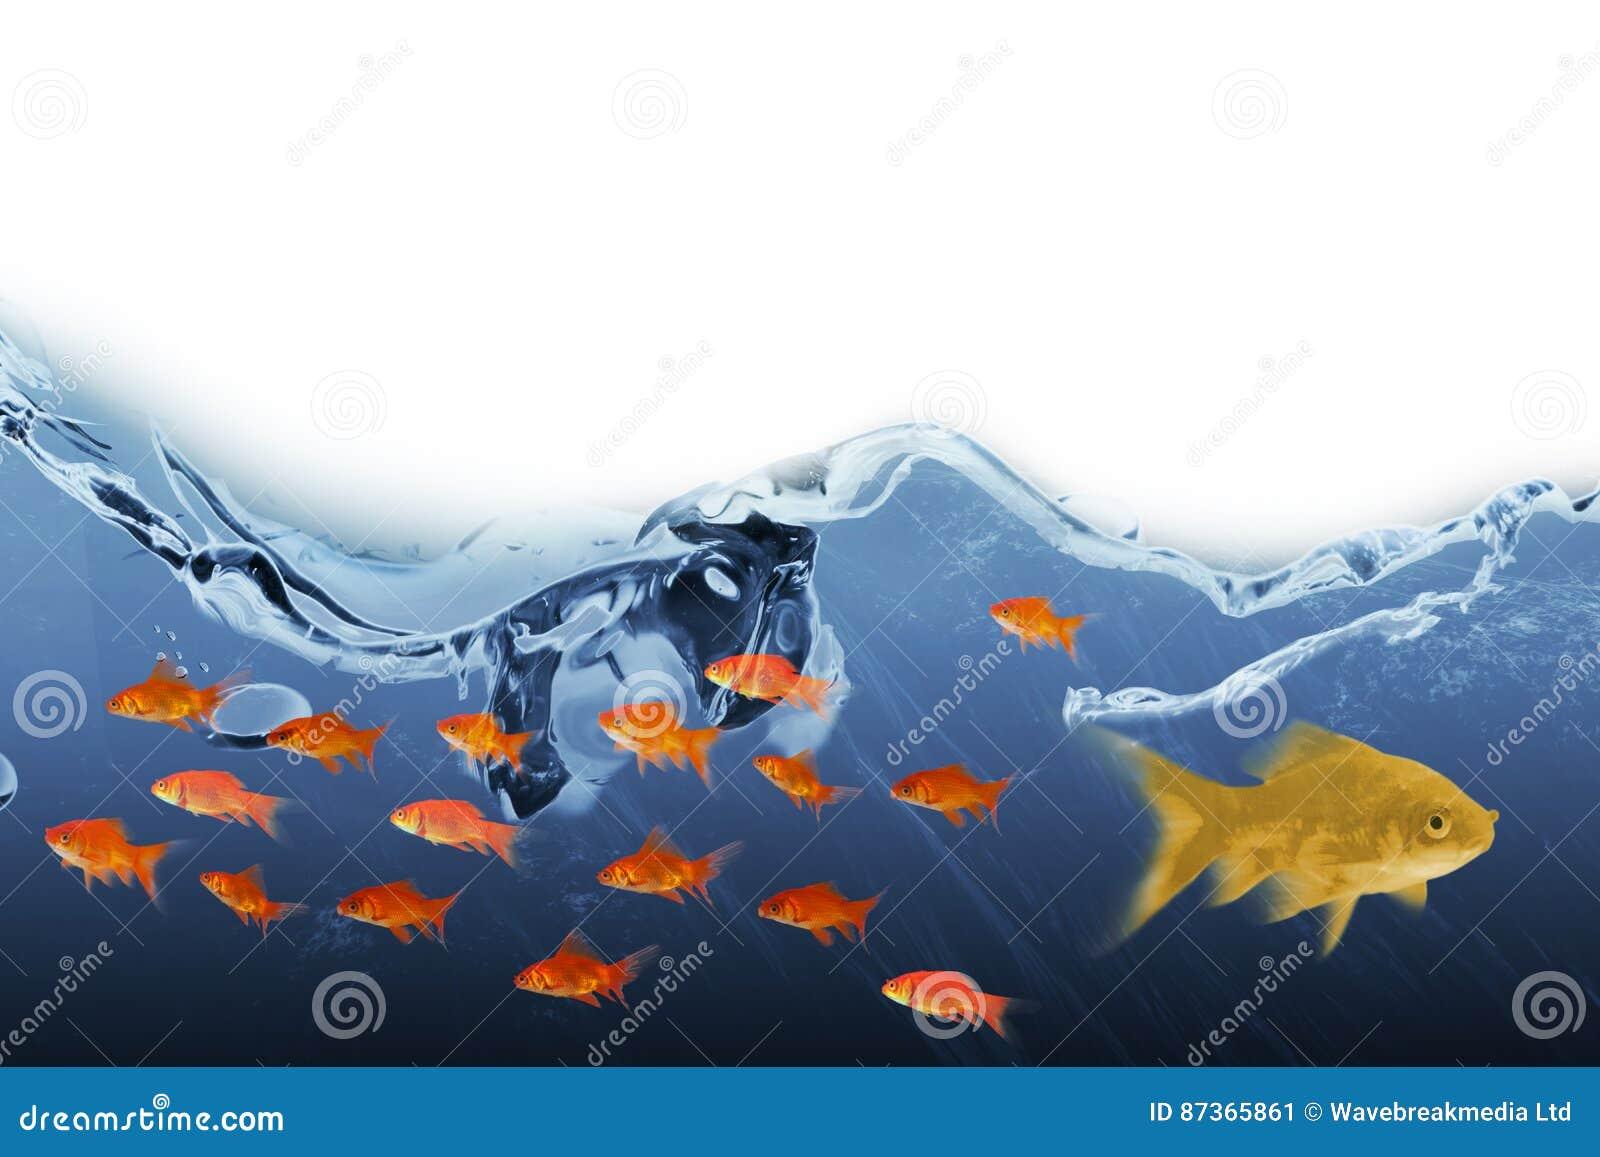 Imagen compuesta 3D de la vista lateral de la natación de los pescados